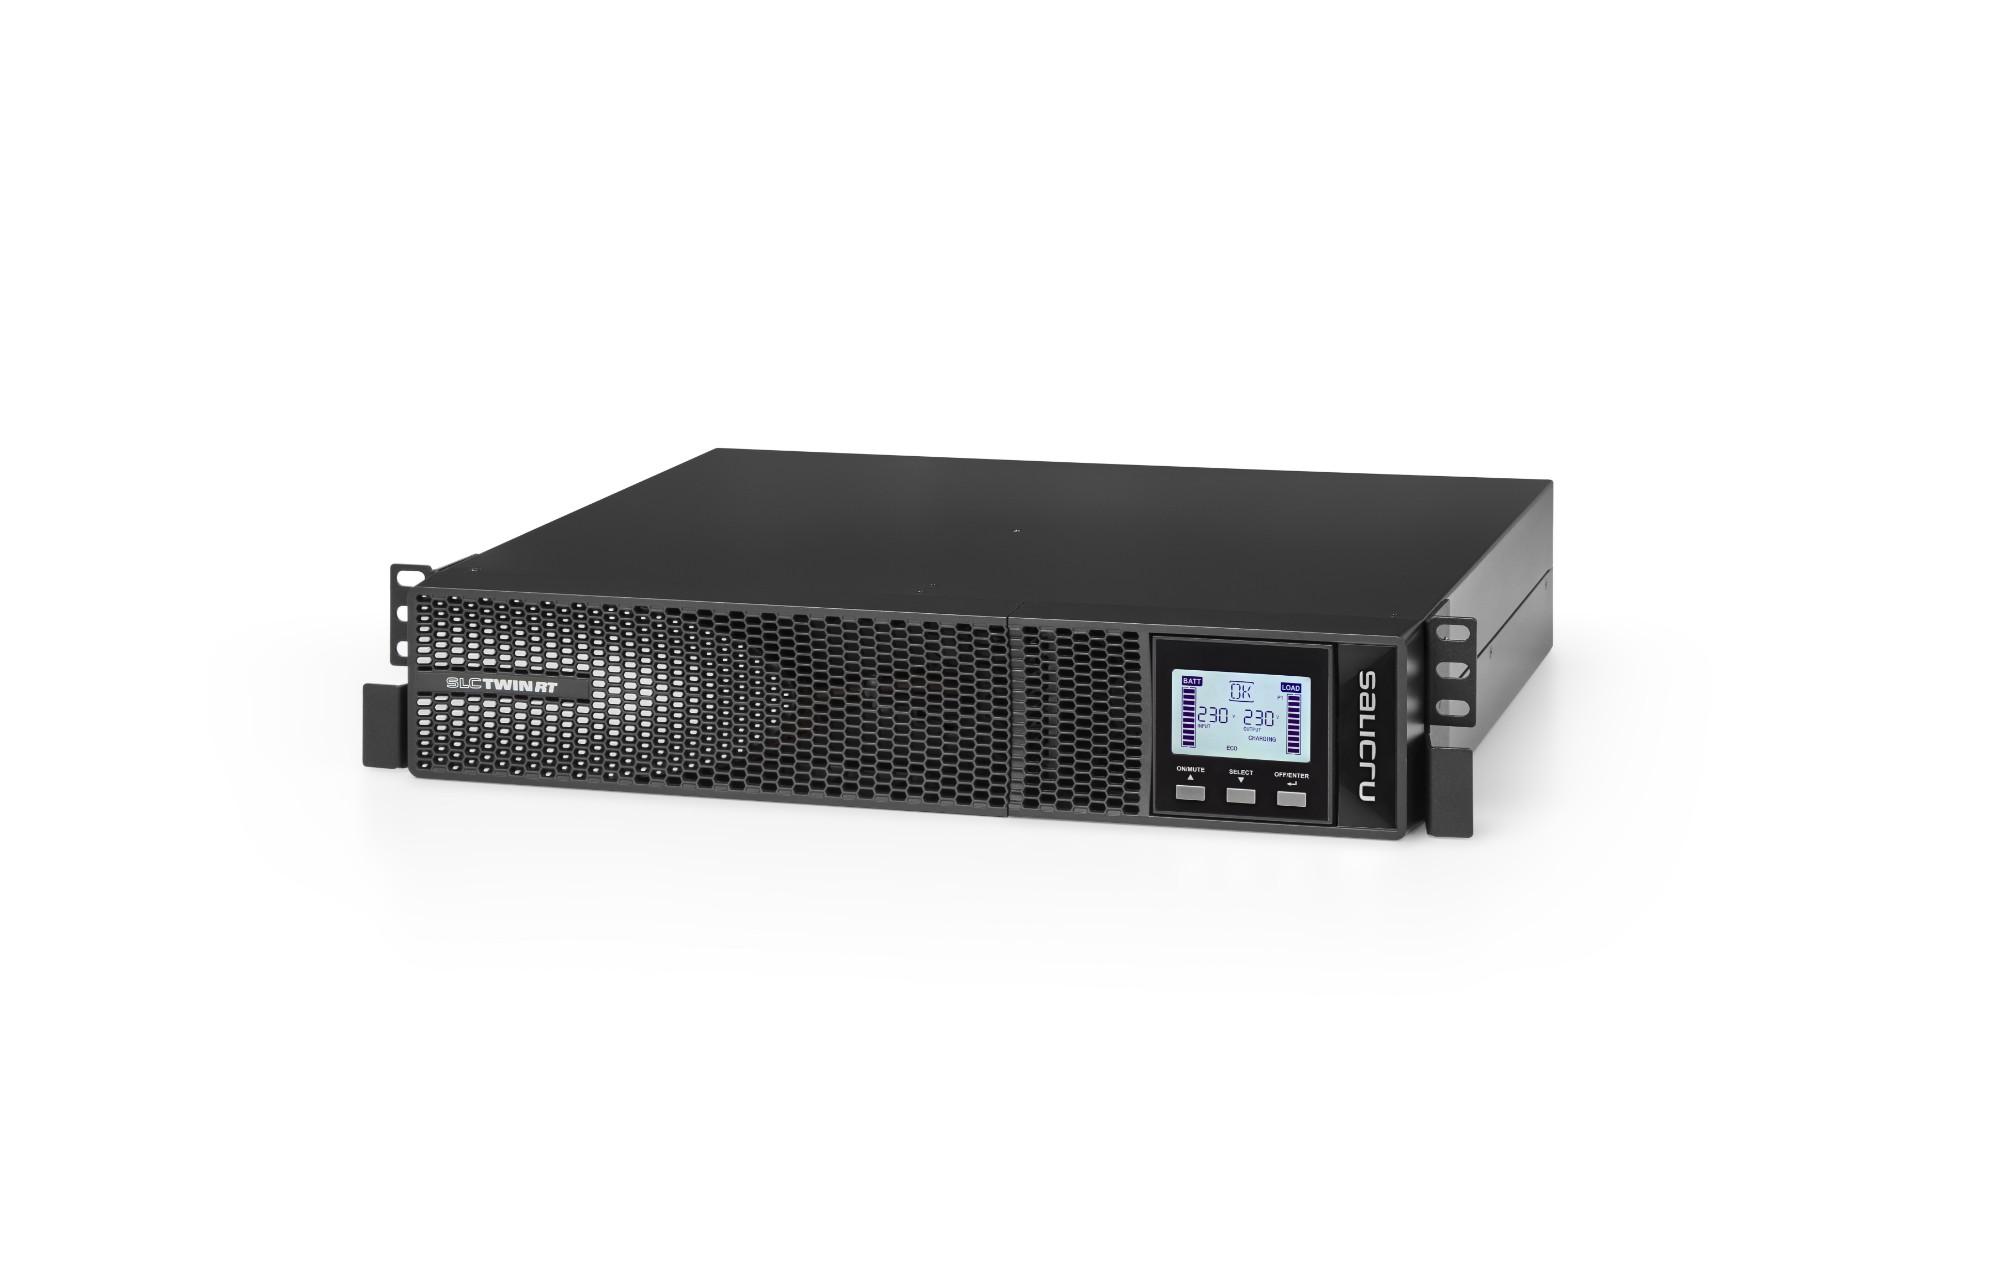 UPS Slc-3000-twin Rt2 3000va/2700w 9 X Iec Line Interactive Black